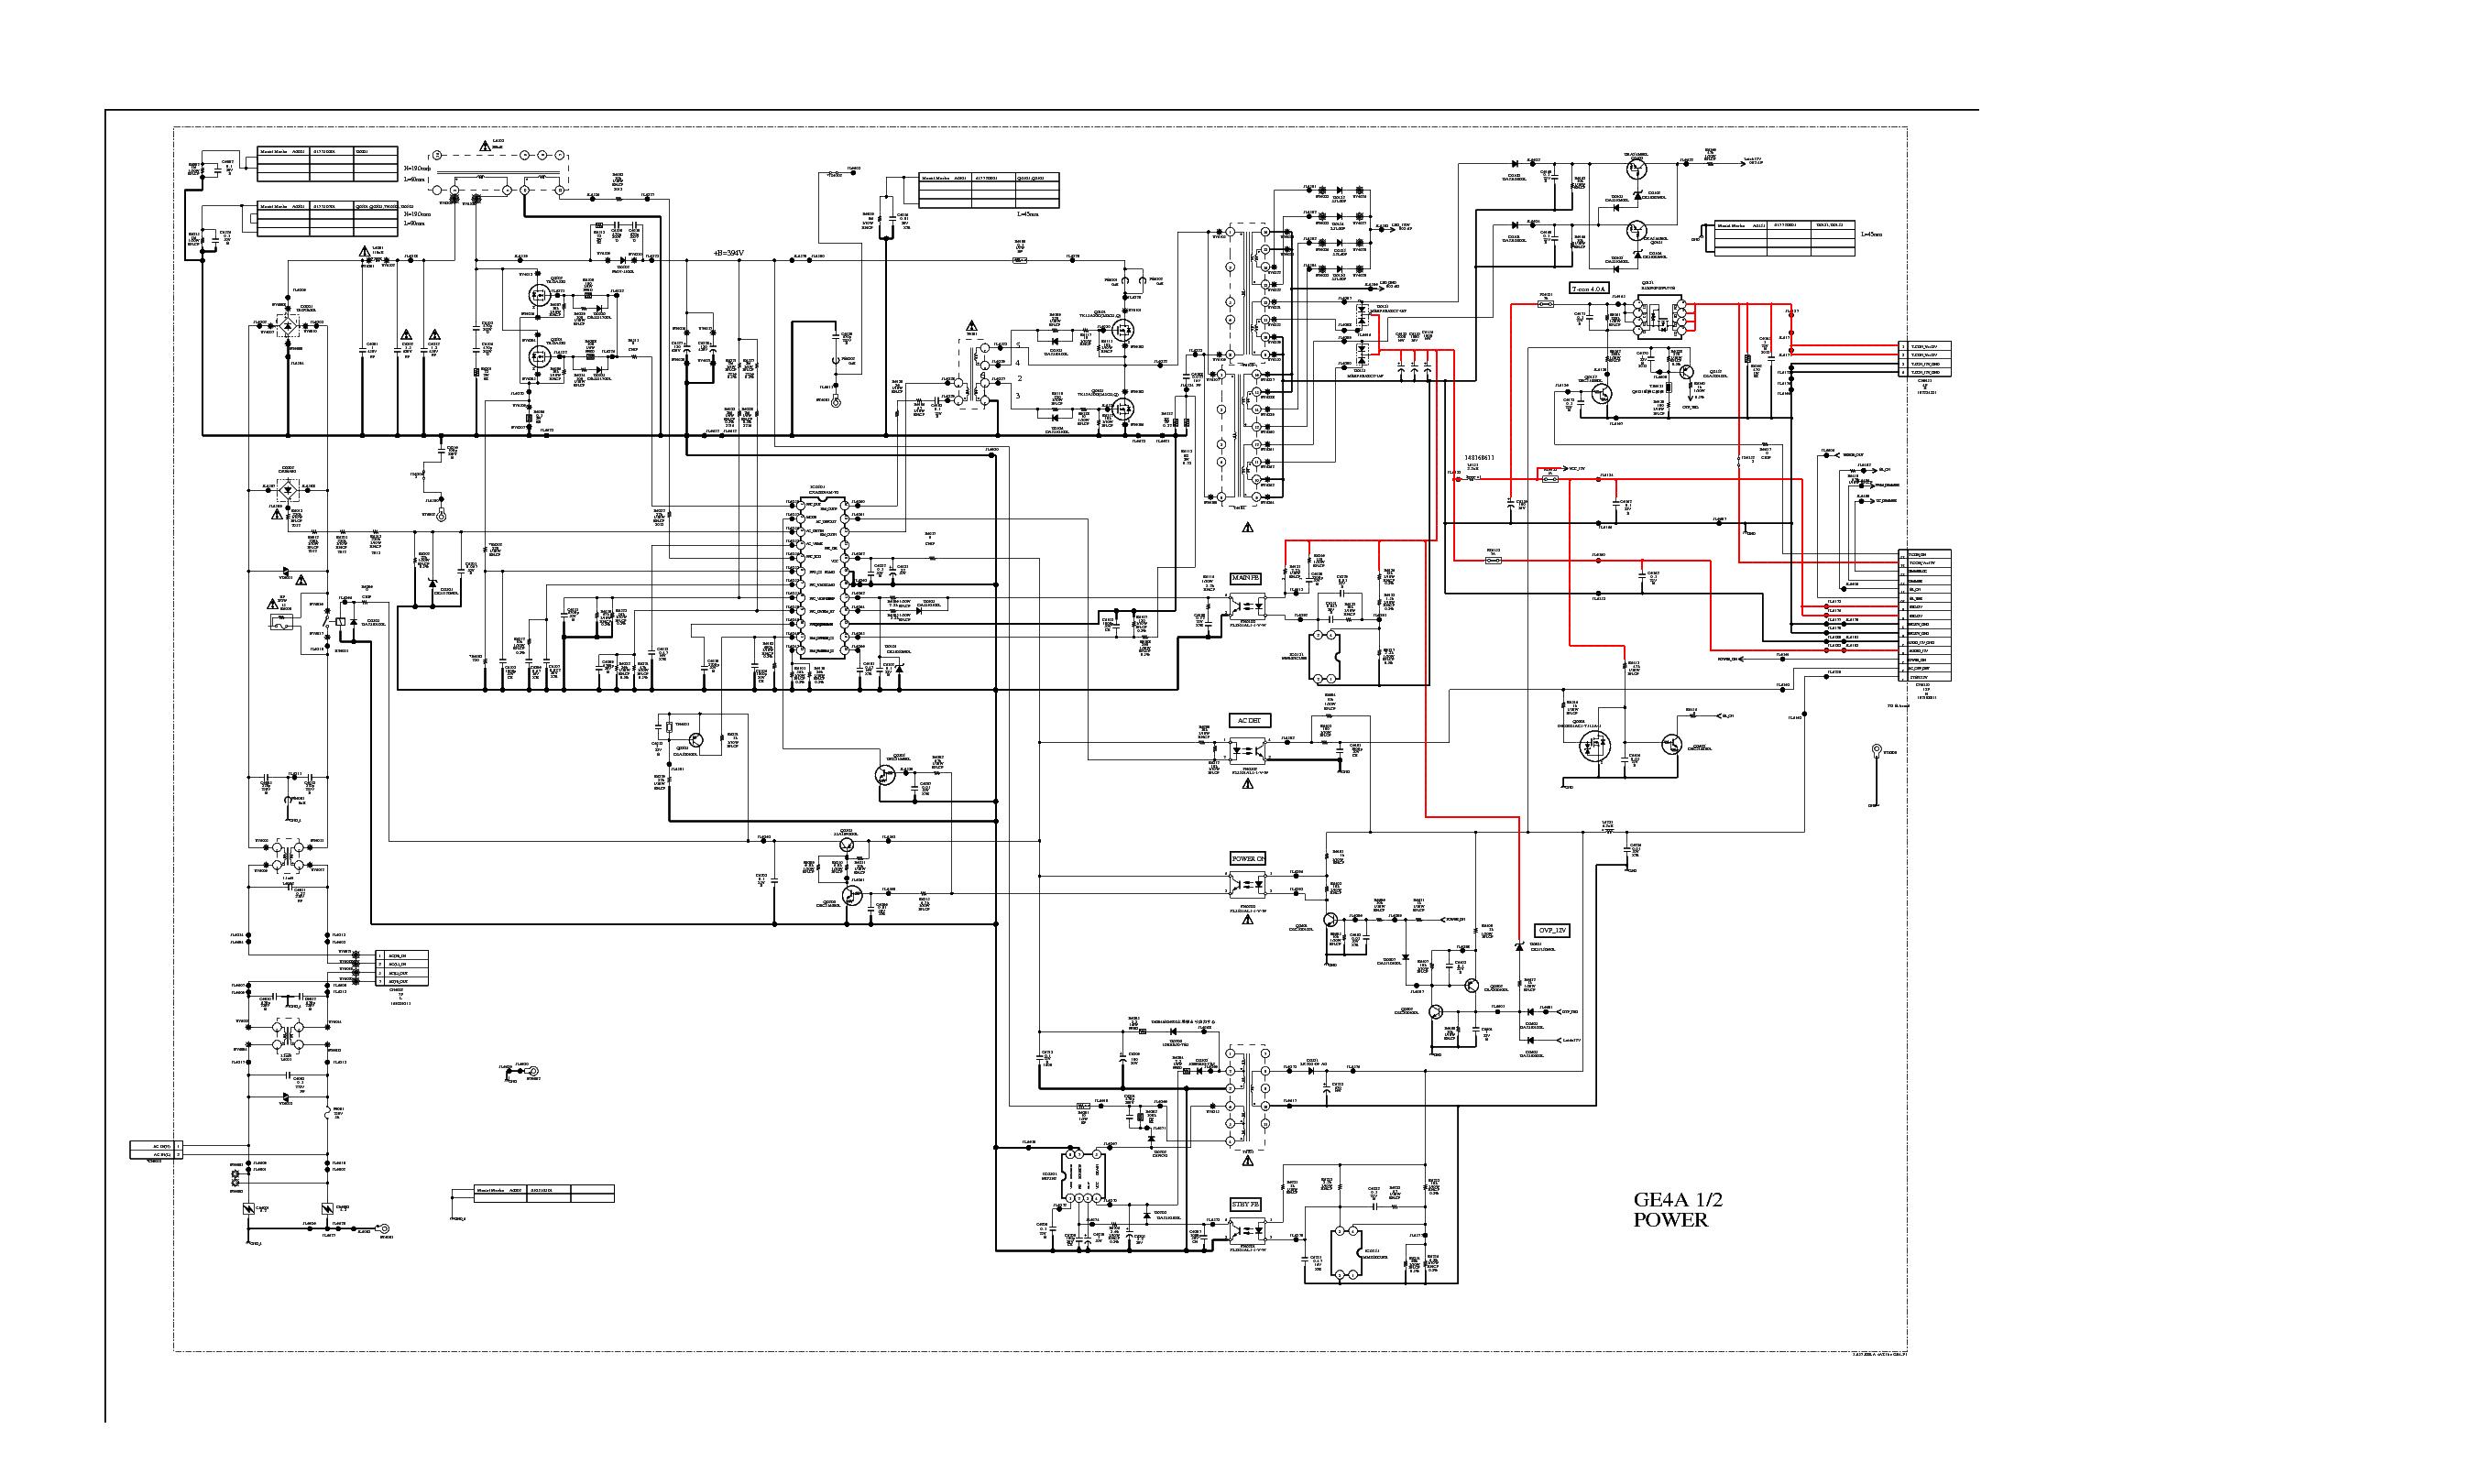 ge appliance schematics sony gf1 1 873 813 13 l6562 cxd9841p mip2h2 sch service  sony gf1 1 873 813 13 l6562 cxd9841p mip2h2 sch service